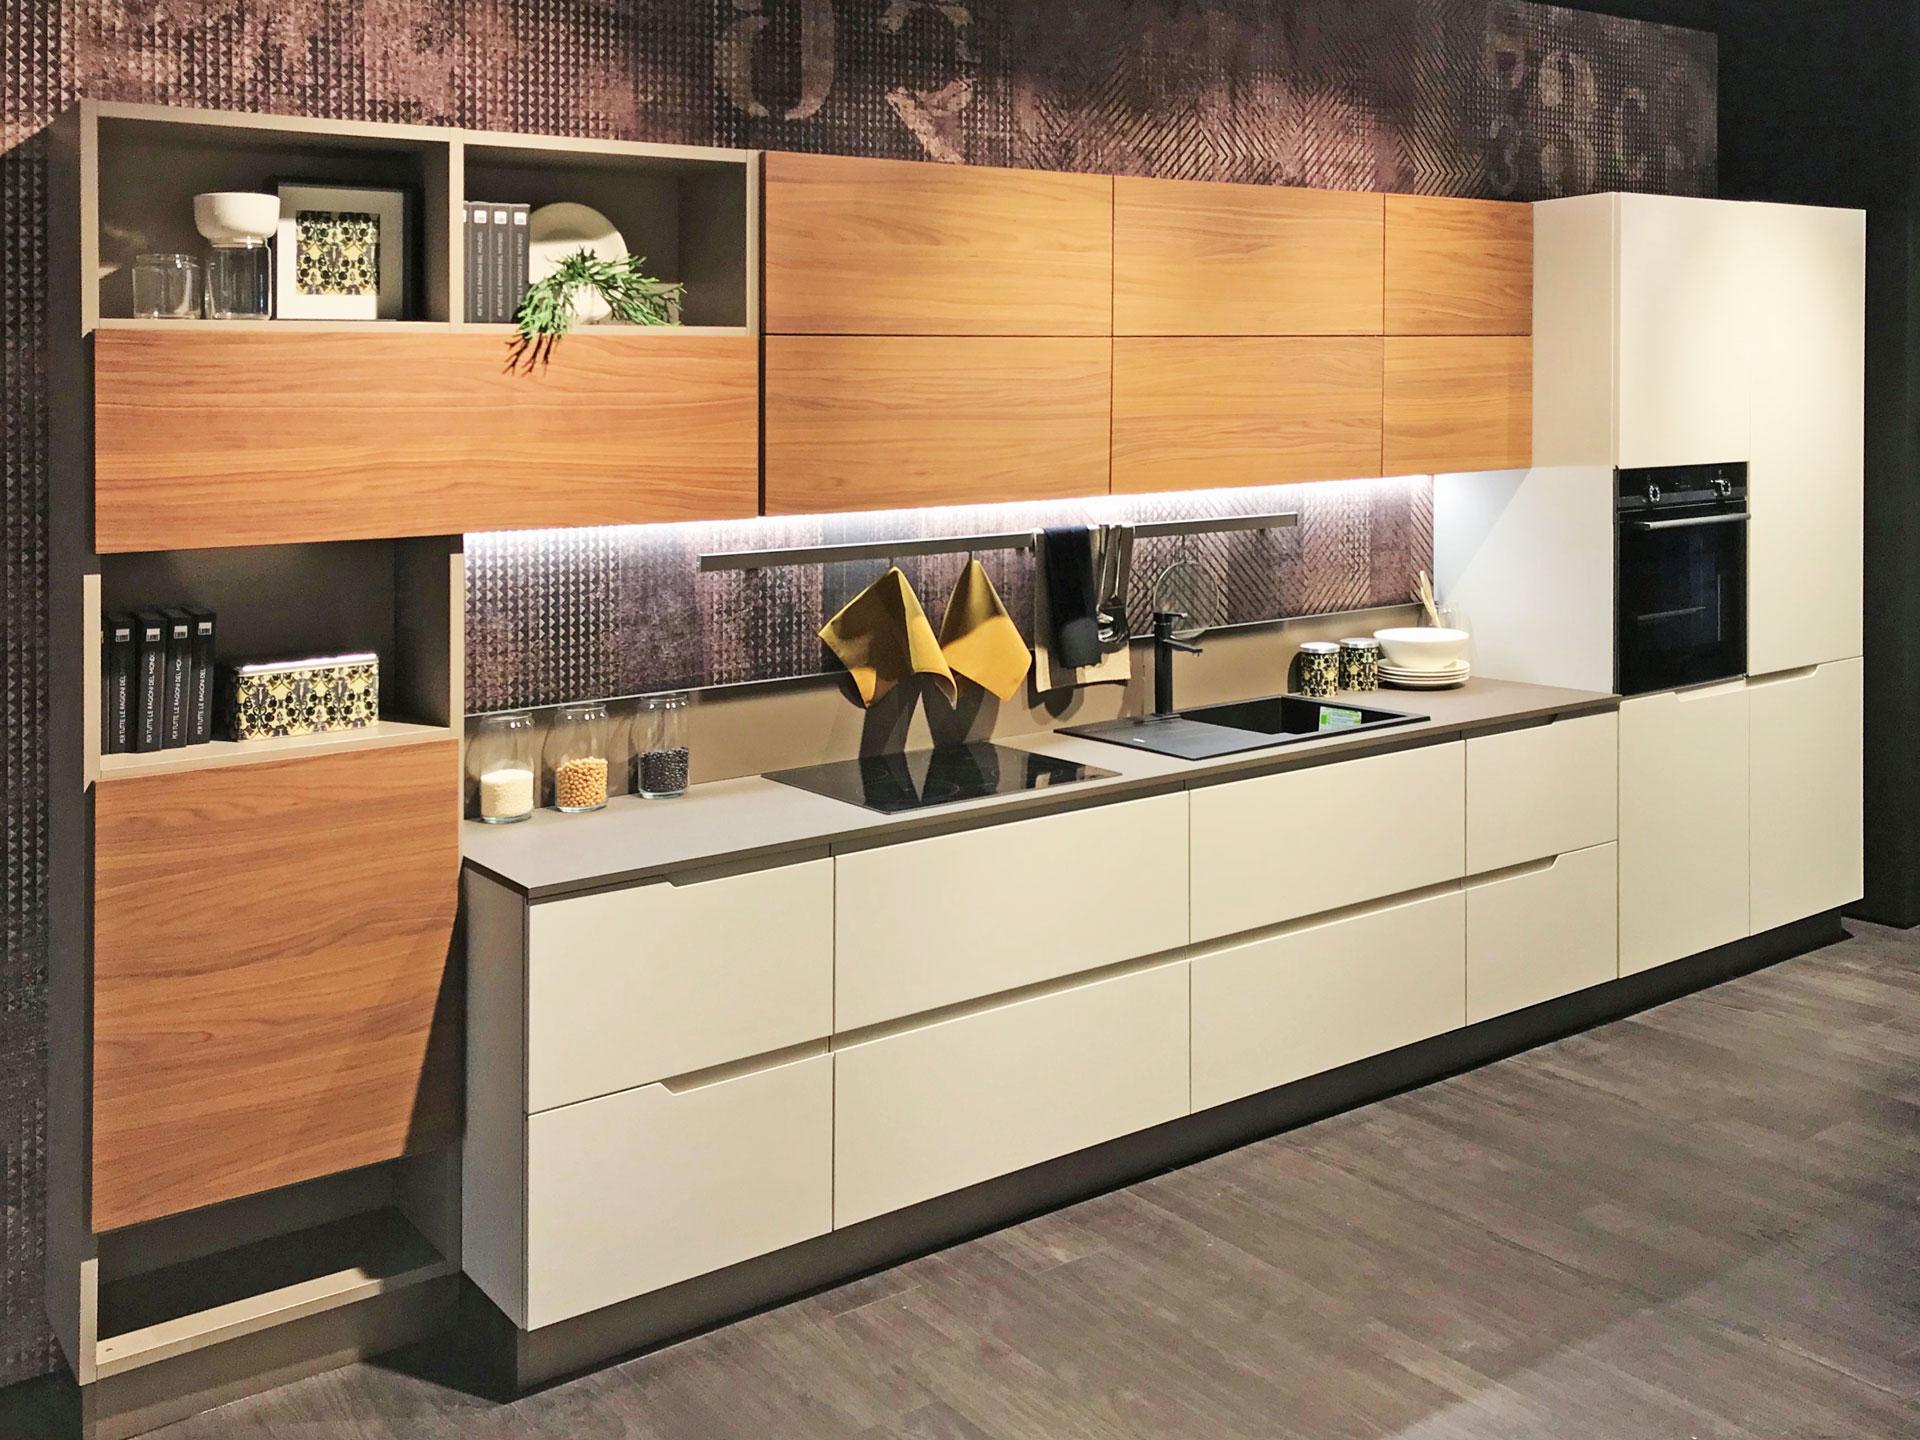 Il Gruppo Lube Inaugura Un Nuovo Store Lube E Creo In Provincia Di Torino Cucine Lube